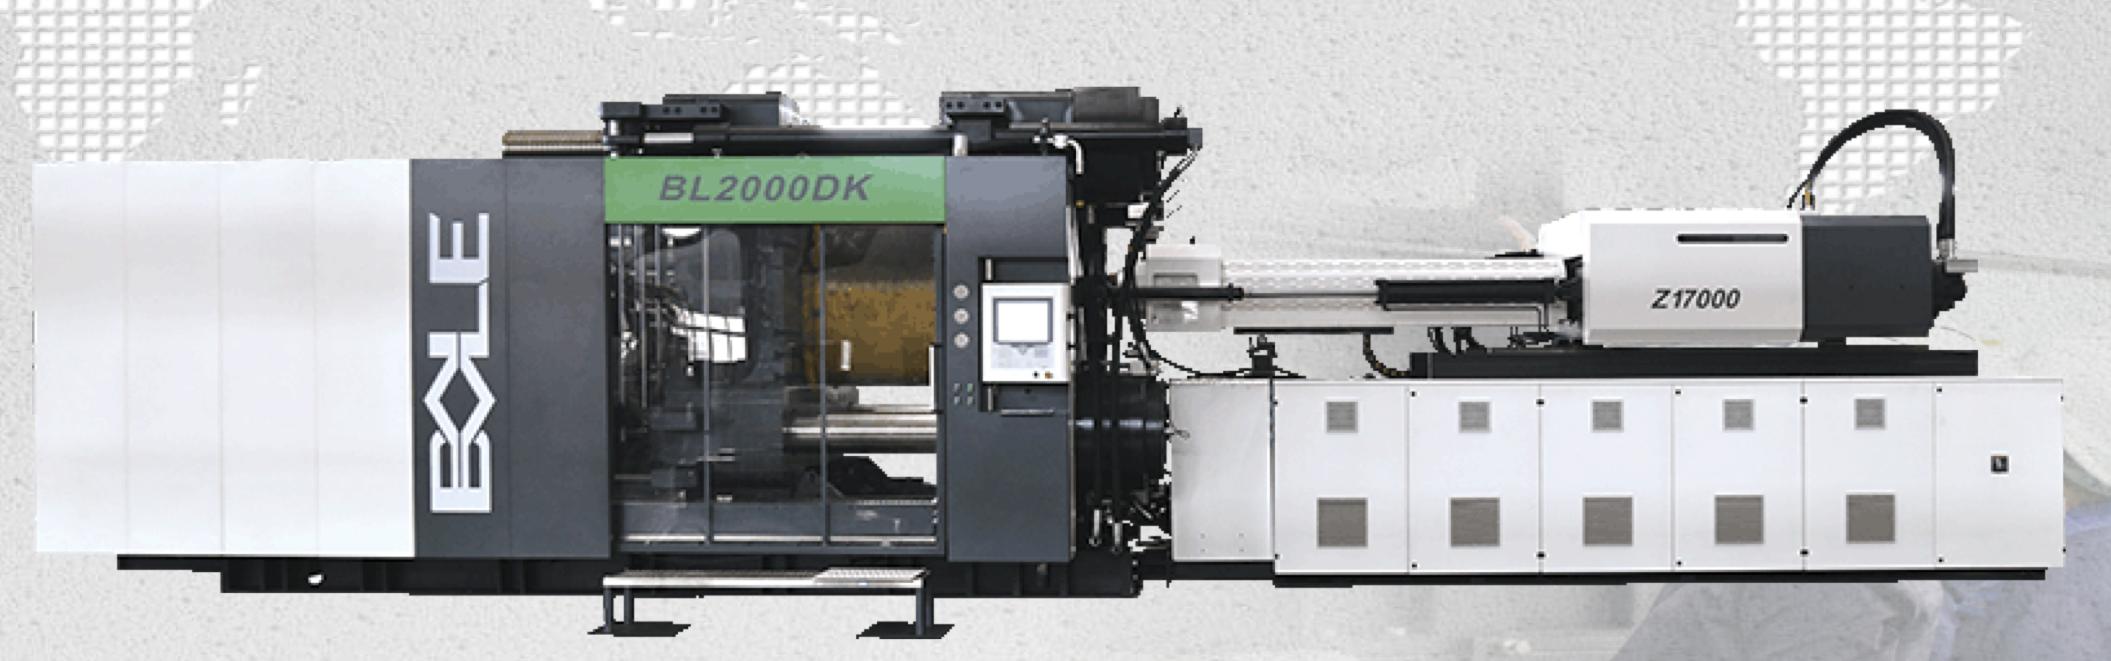 DK シリーズ:  ツープレート大型射出成形機(型締力520-6800トン)